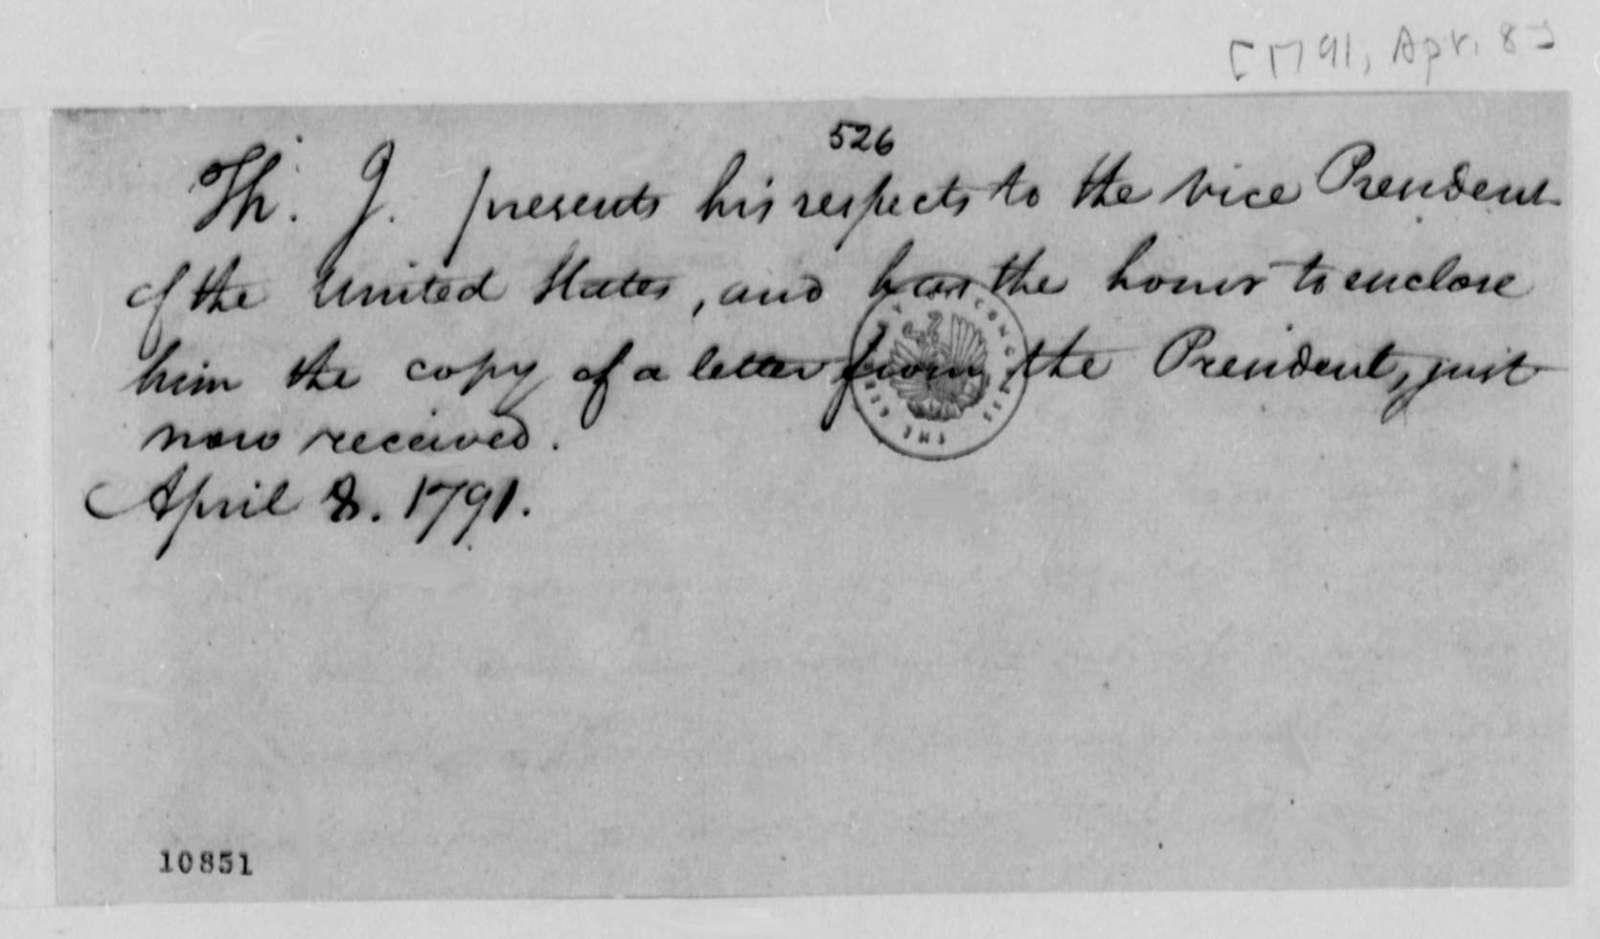 Thomas Jefferson to John Adams, April 8, 1791